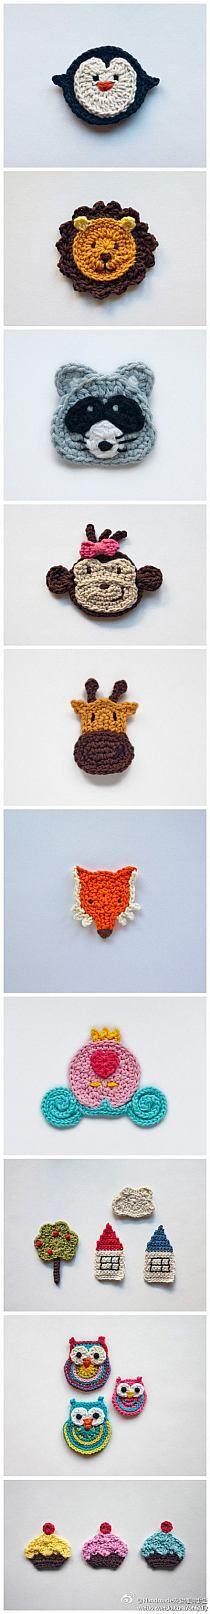 Mejores 1967 imágenes de Crochet en Pinterest en 2018 | Yarns ...